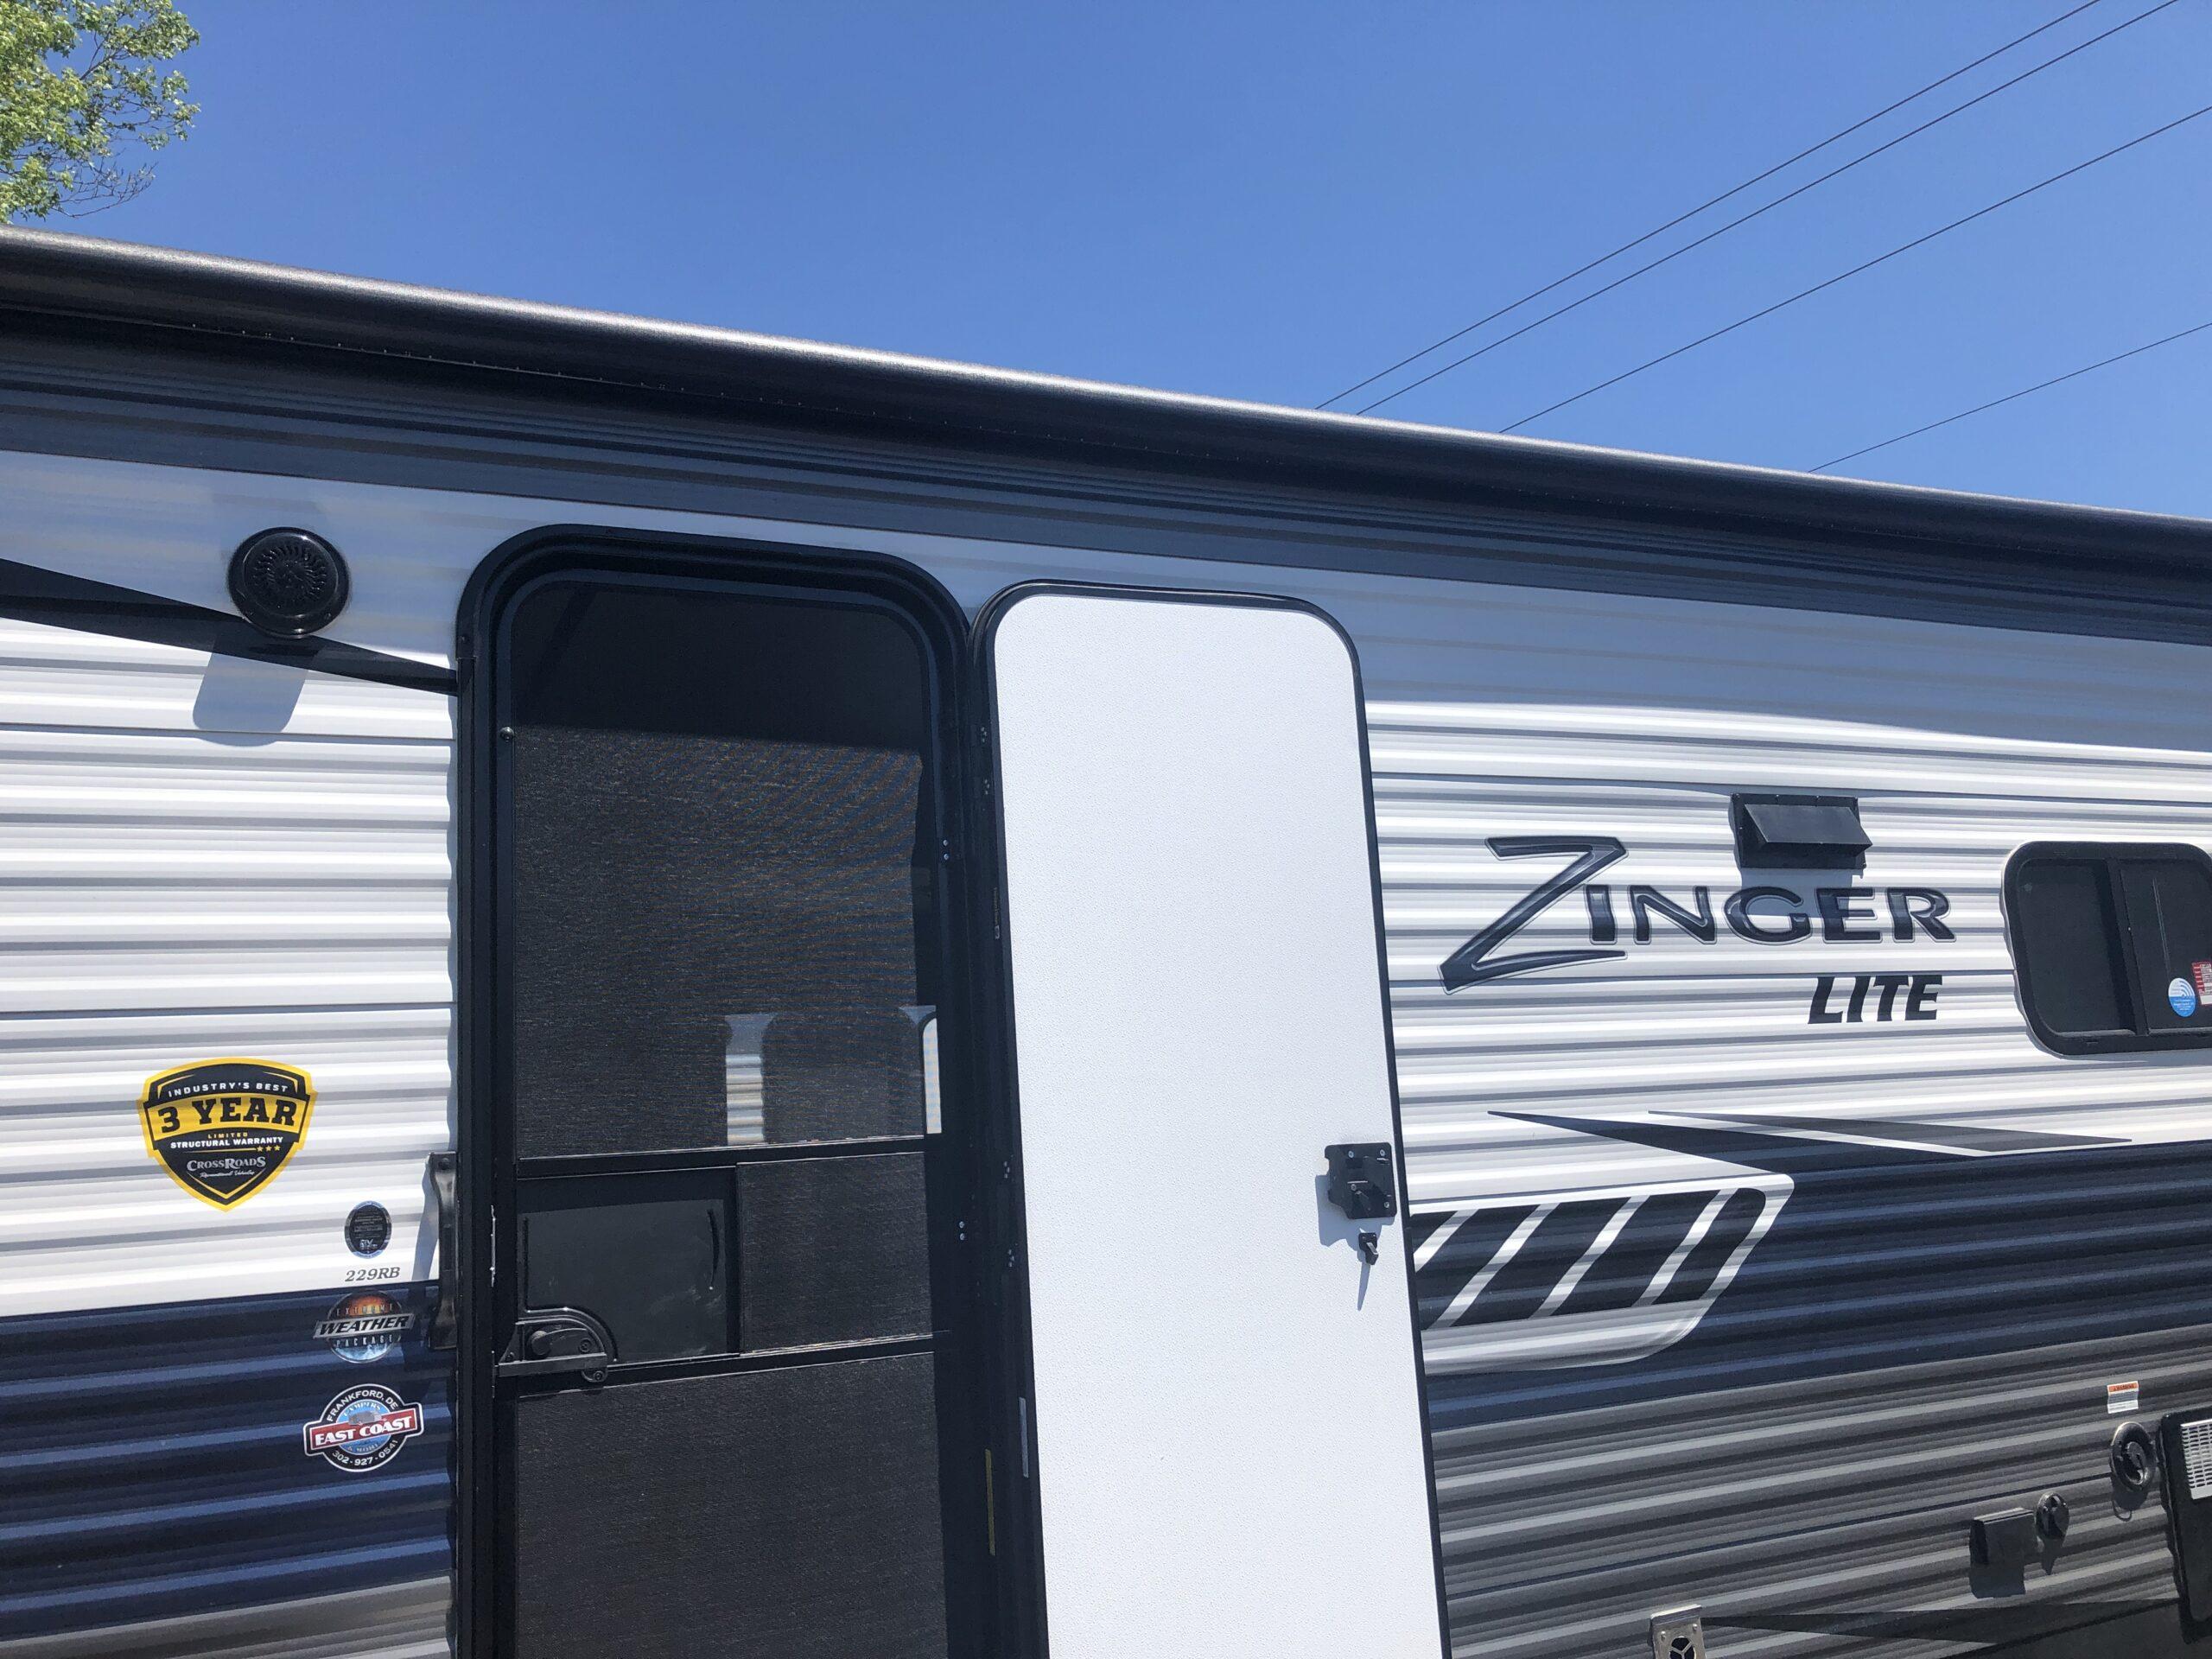 2020-Zinger-Lite-229RB-IMG_9584